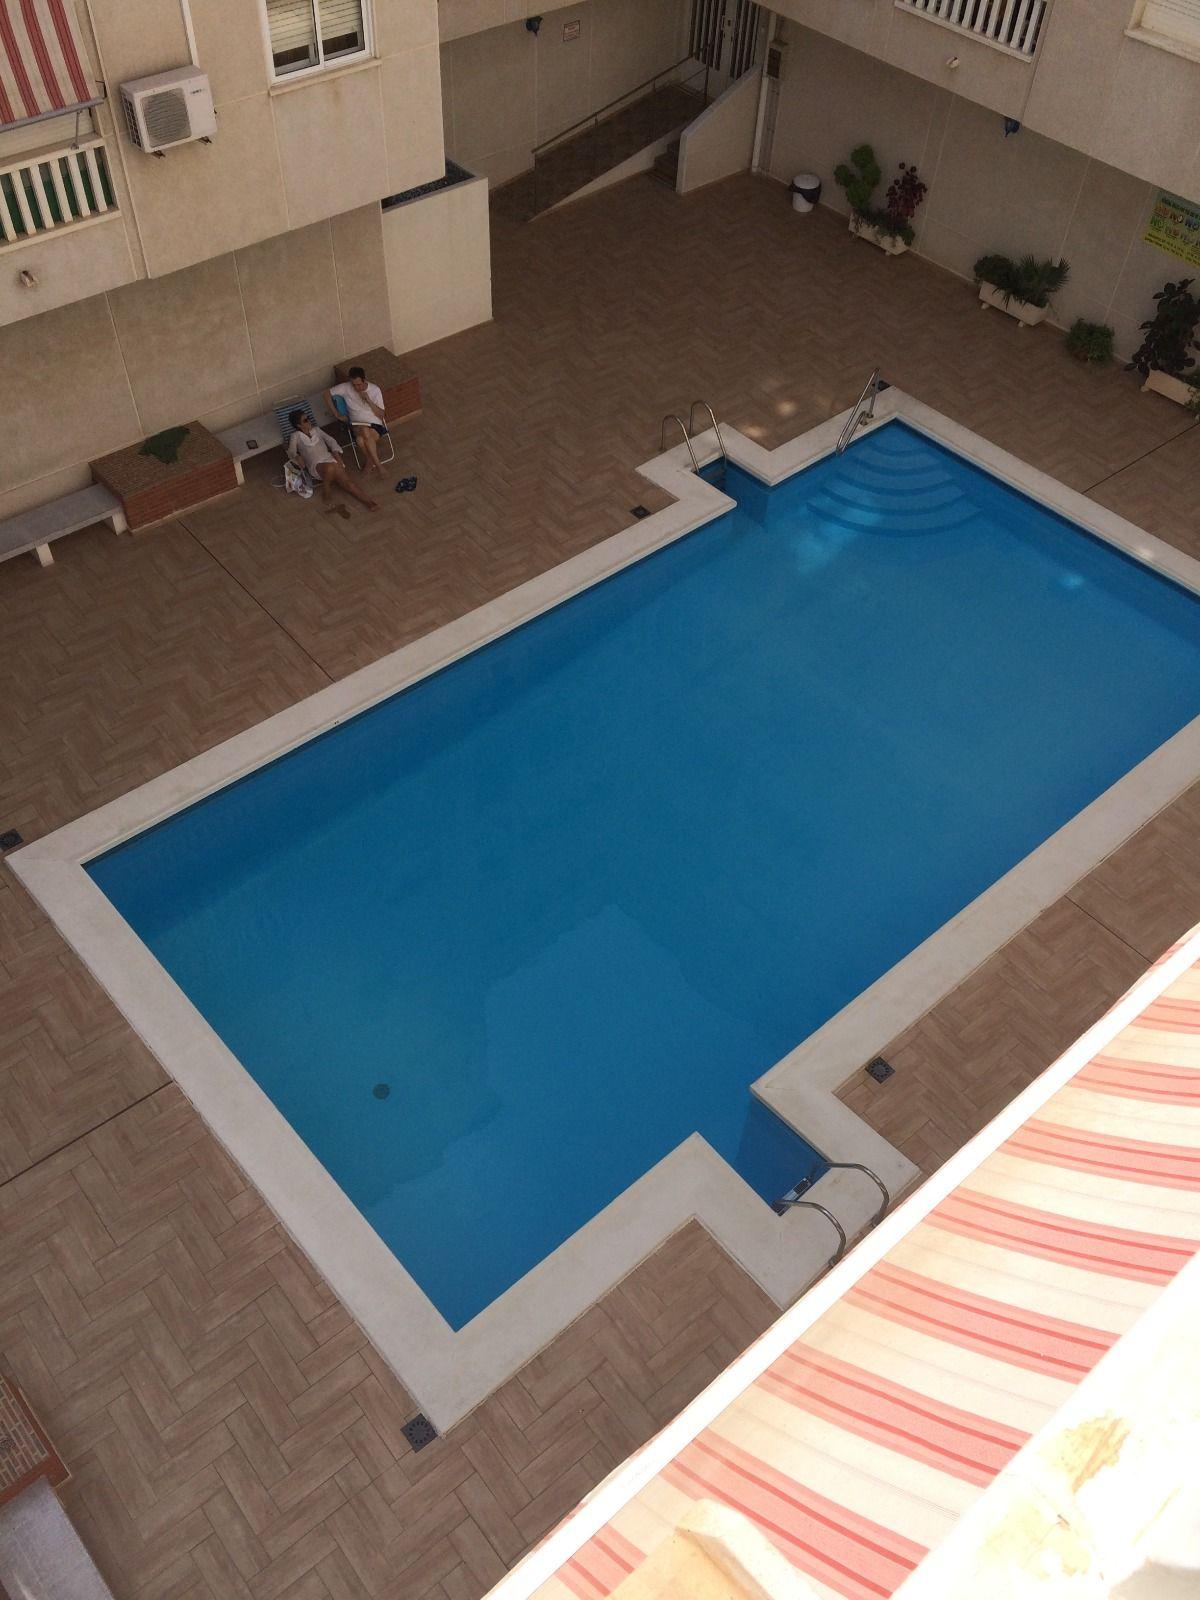 Piso en venta en Torrevieja, Alicante, Calle Beniajan, 90.000 €, 2 habitaciones, 1 baño, 67 m2